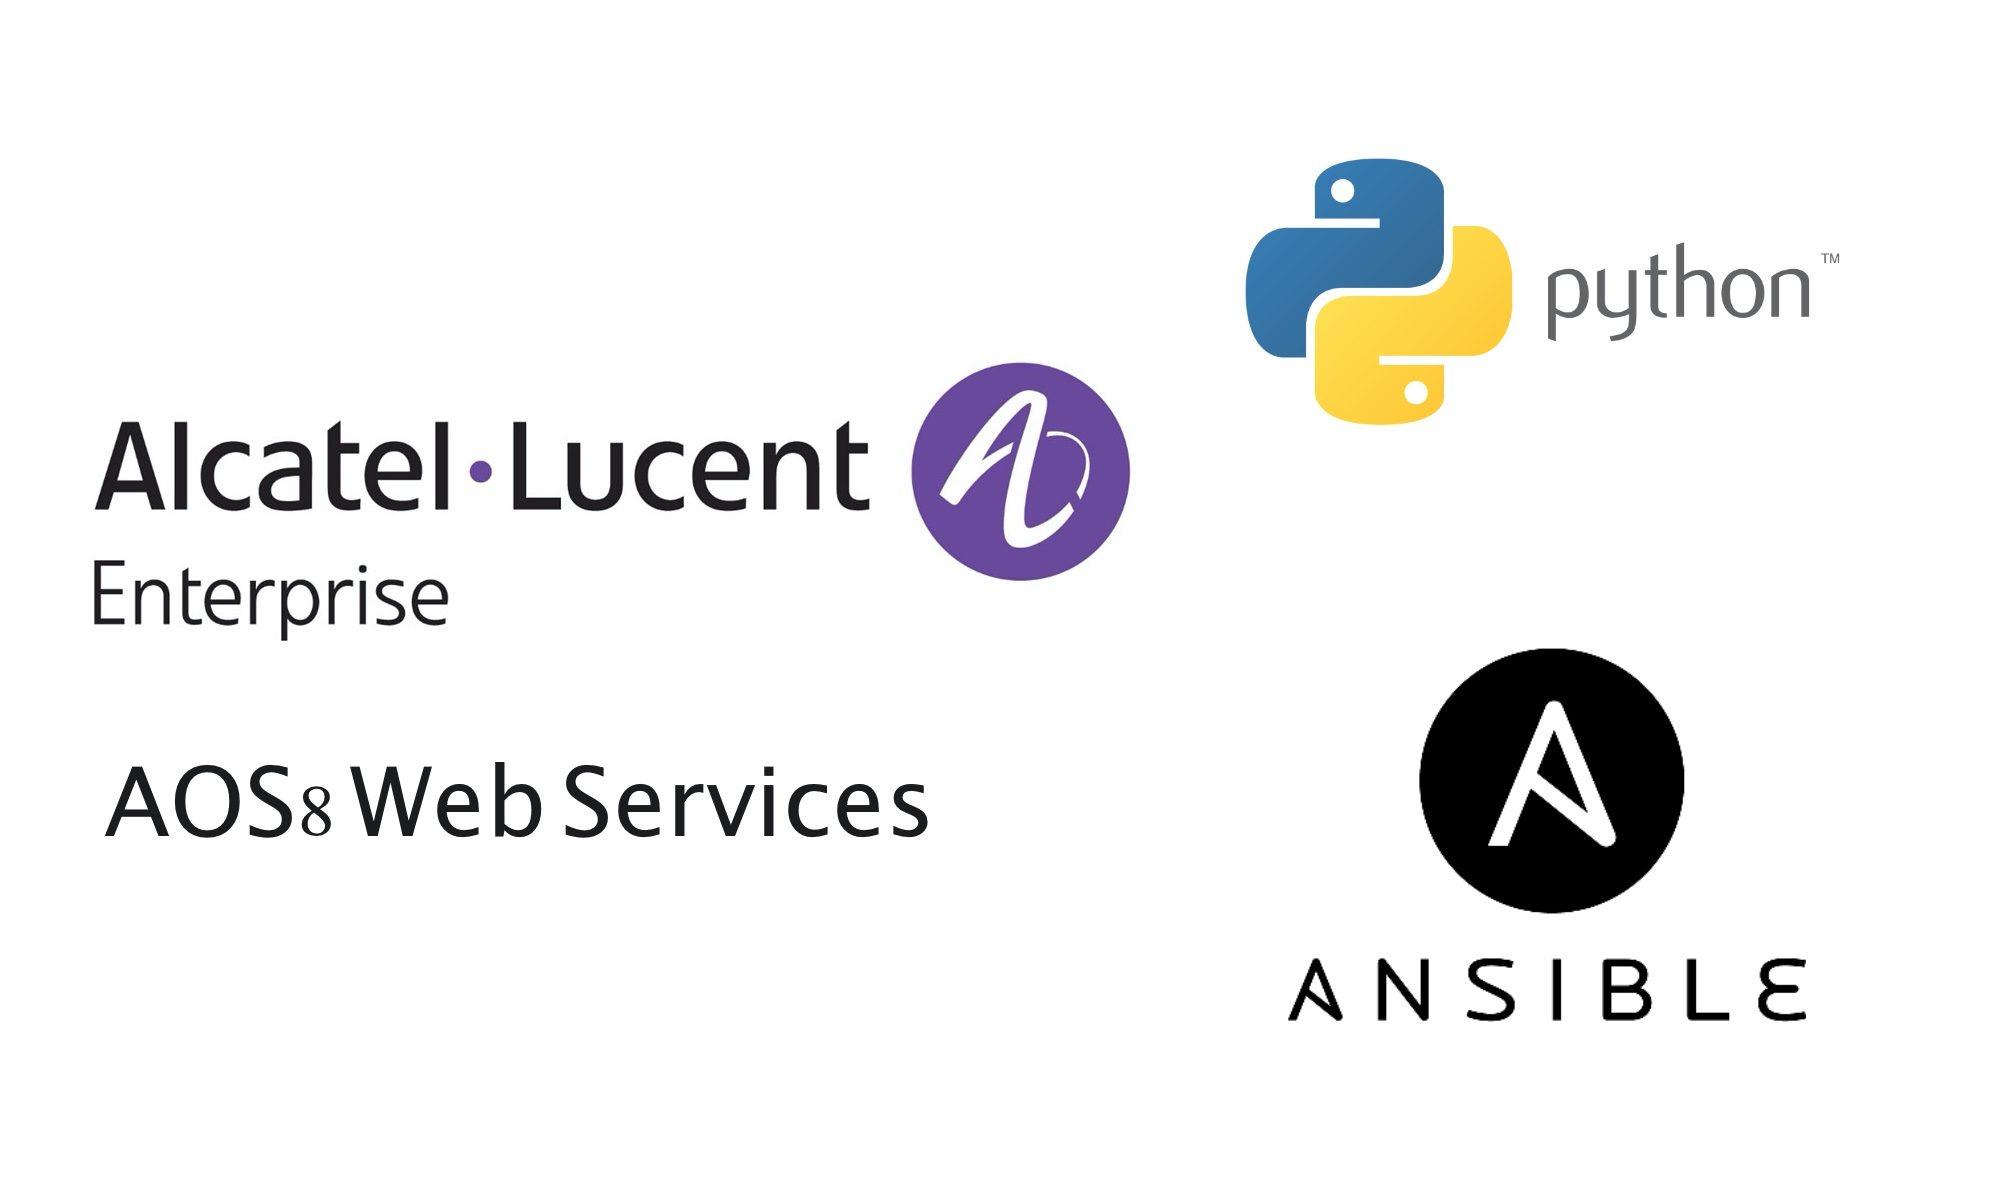 ALE AOS8 Web Services